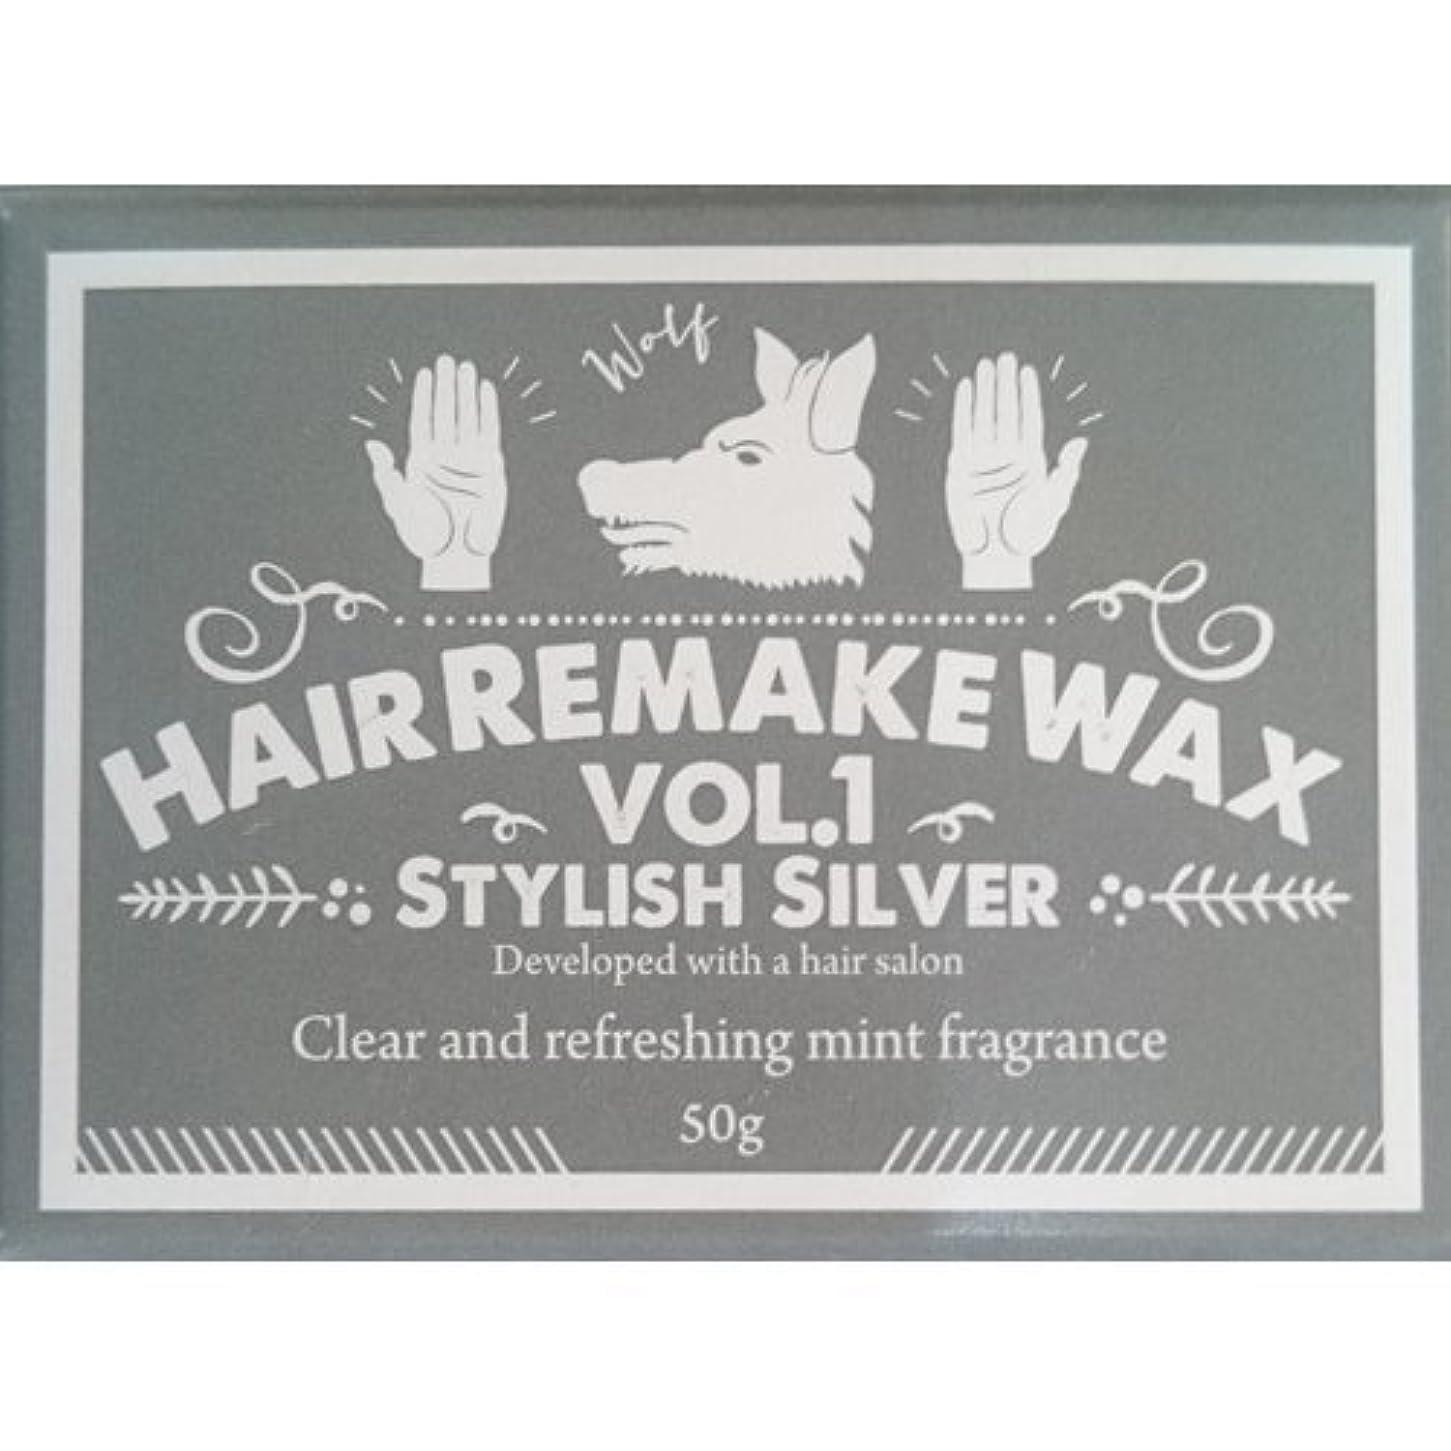 ビンのれんすべてパーティー 変装 銀髪用 Hair Remake(ヘアーリメイクワックス)WAX Vol.1 スタイリッシュシルバー 50g